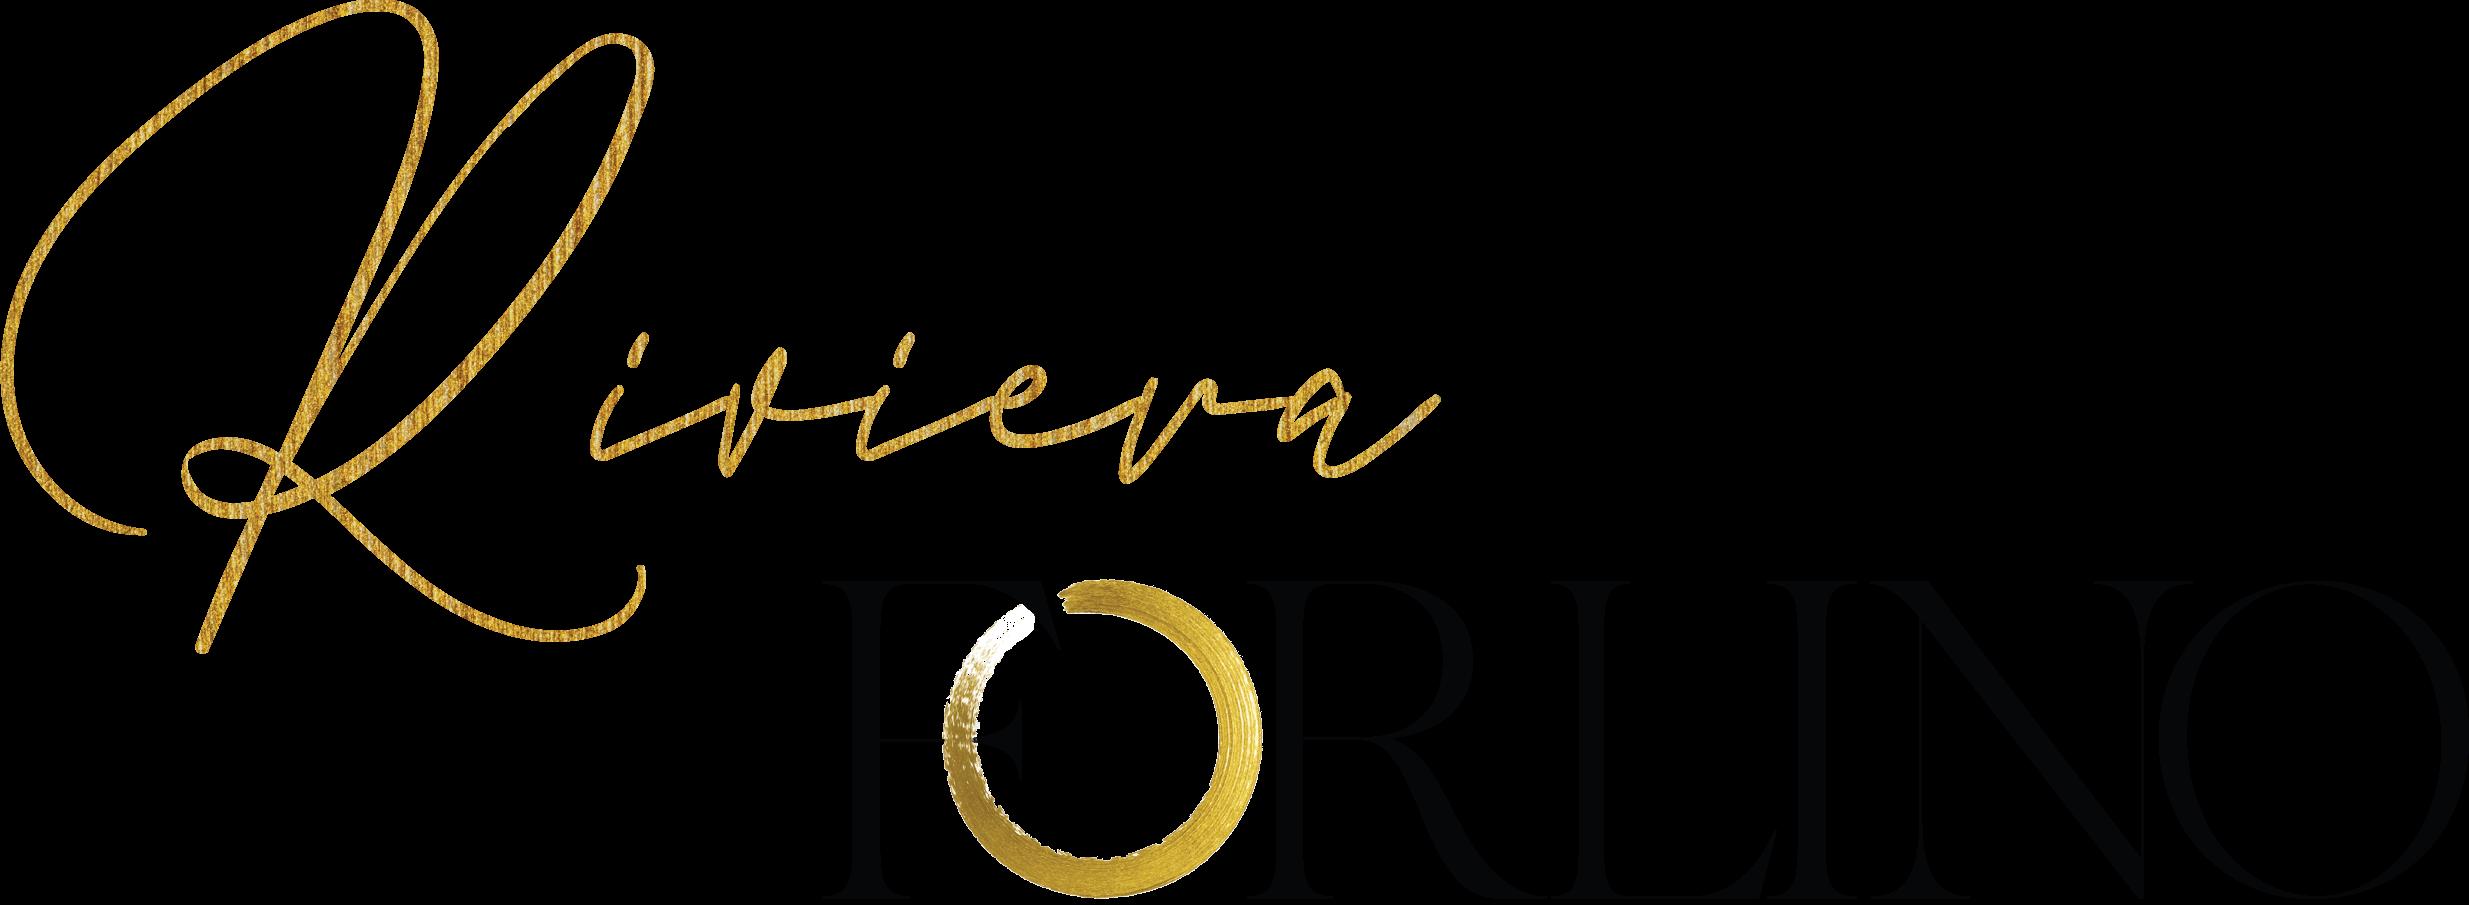 Rivieraforlinologogold